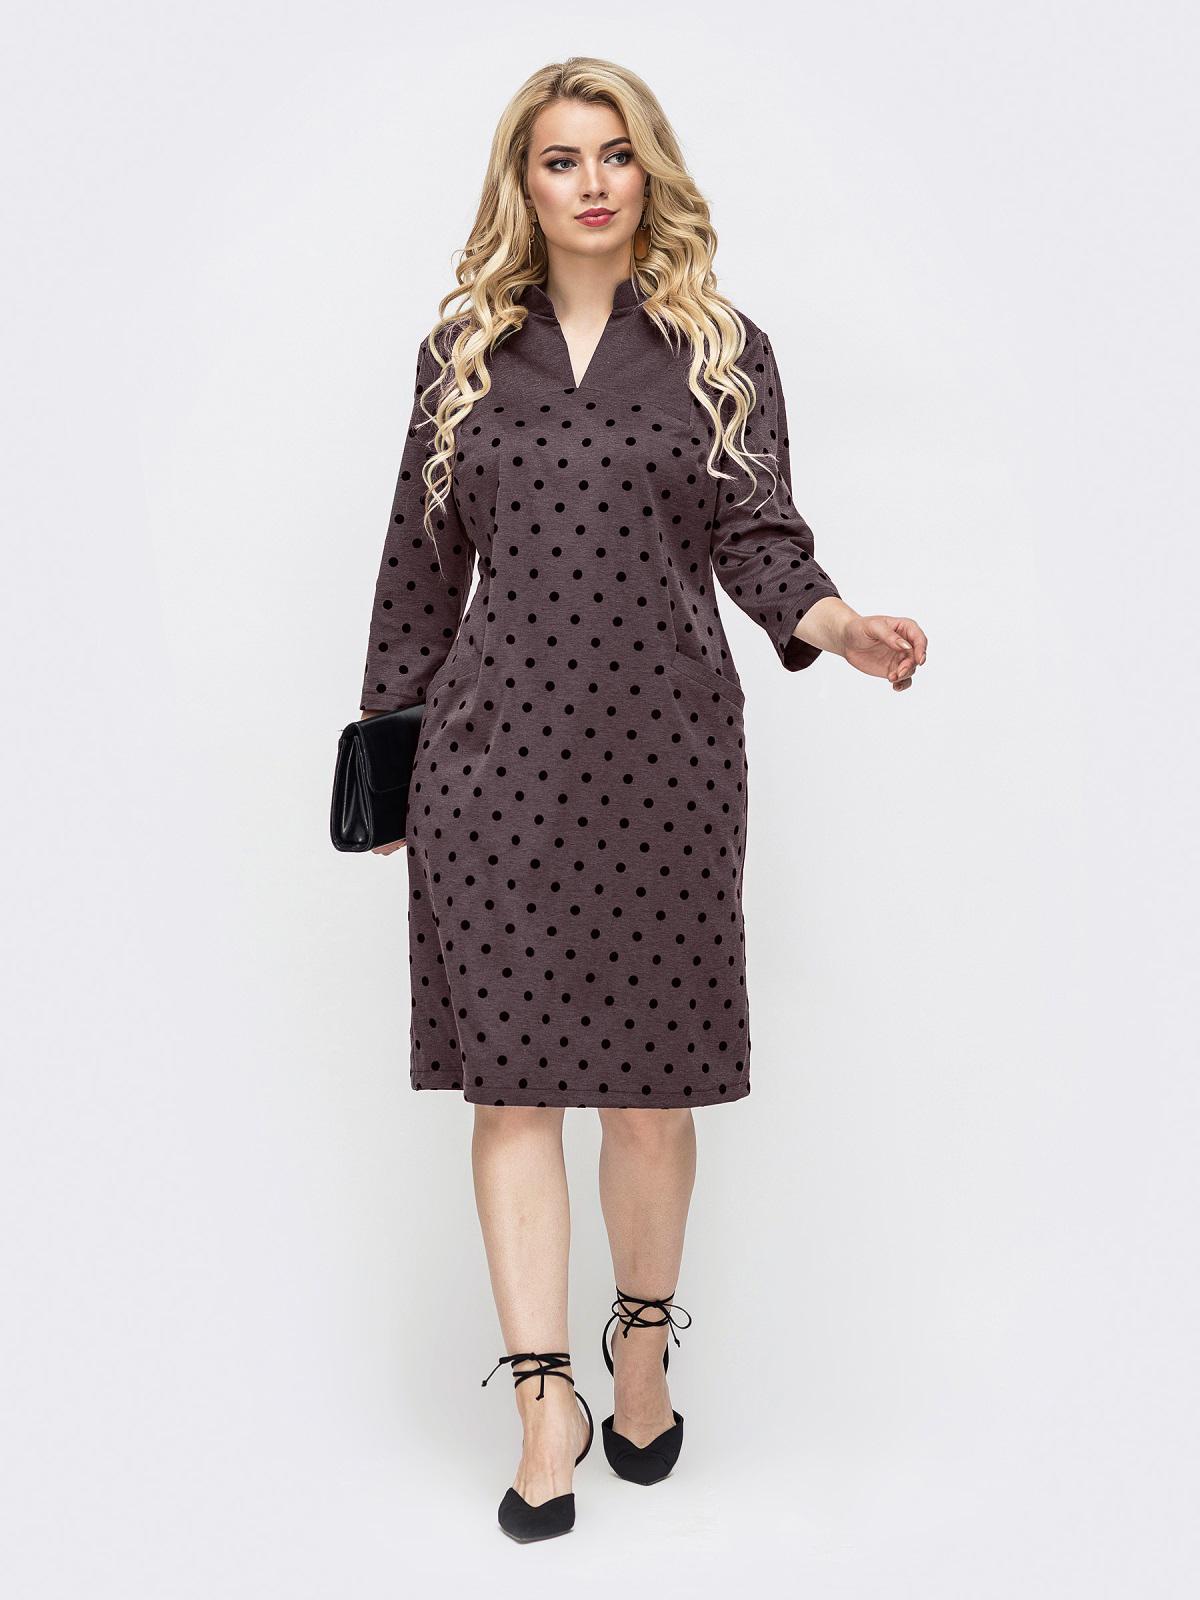 Приталенное платье батал коричневого цвета в горох 51196, фото 1